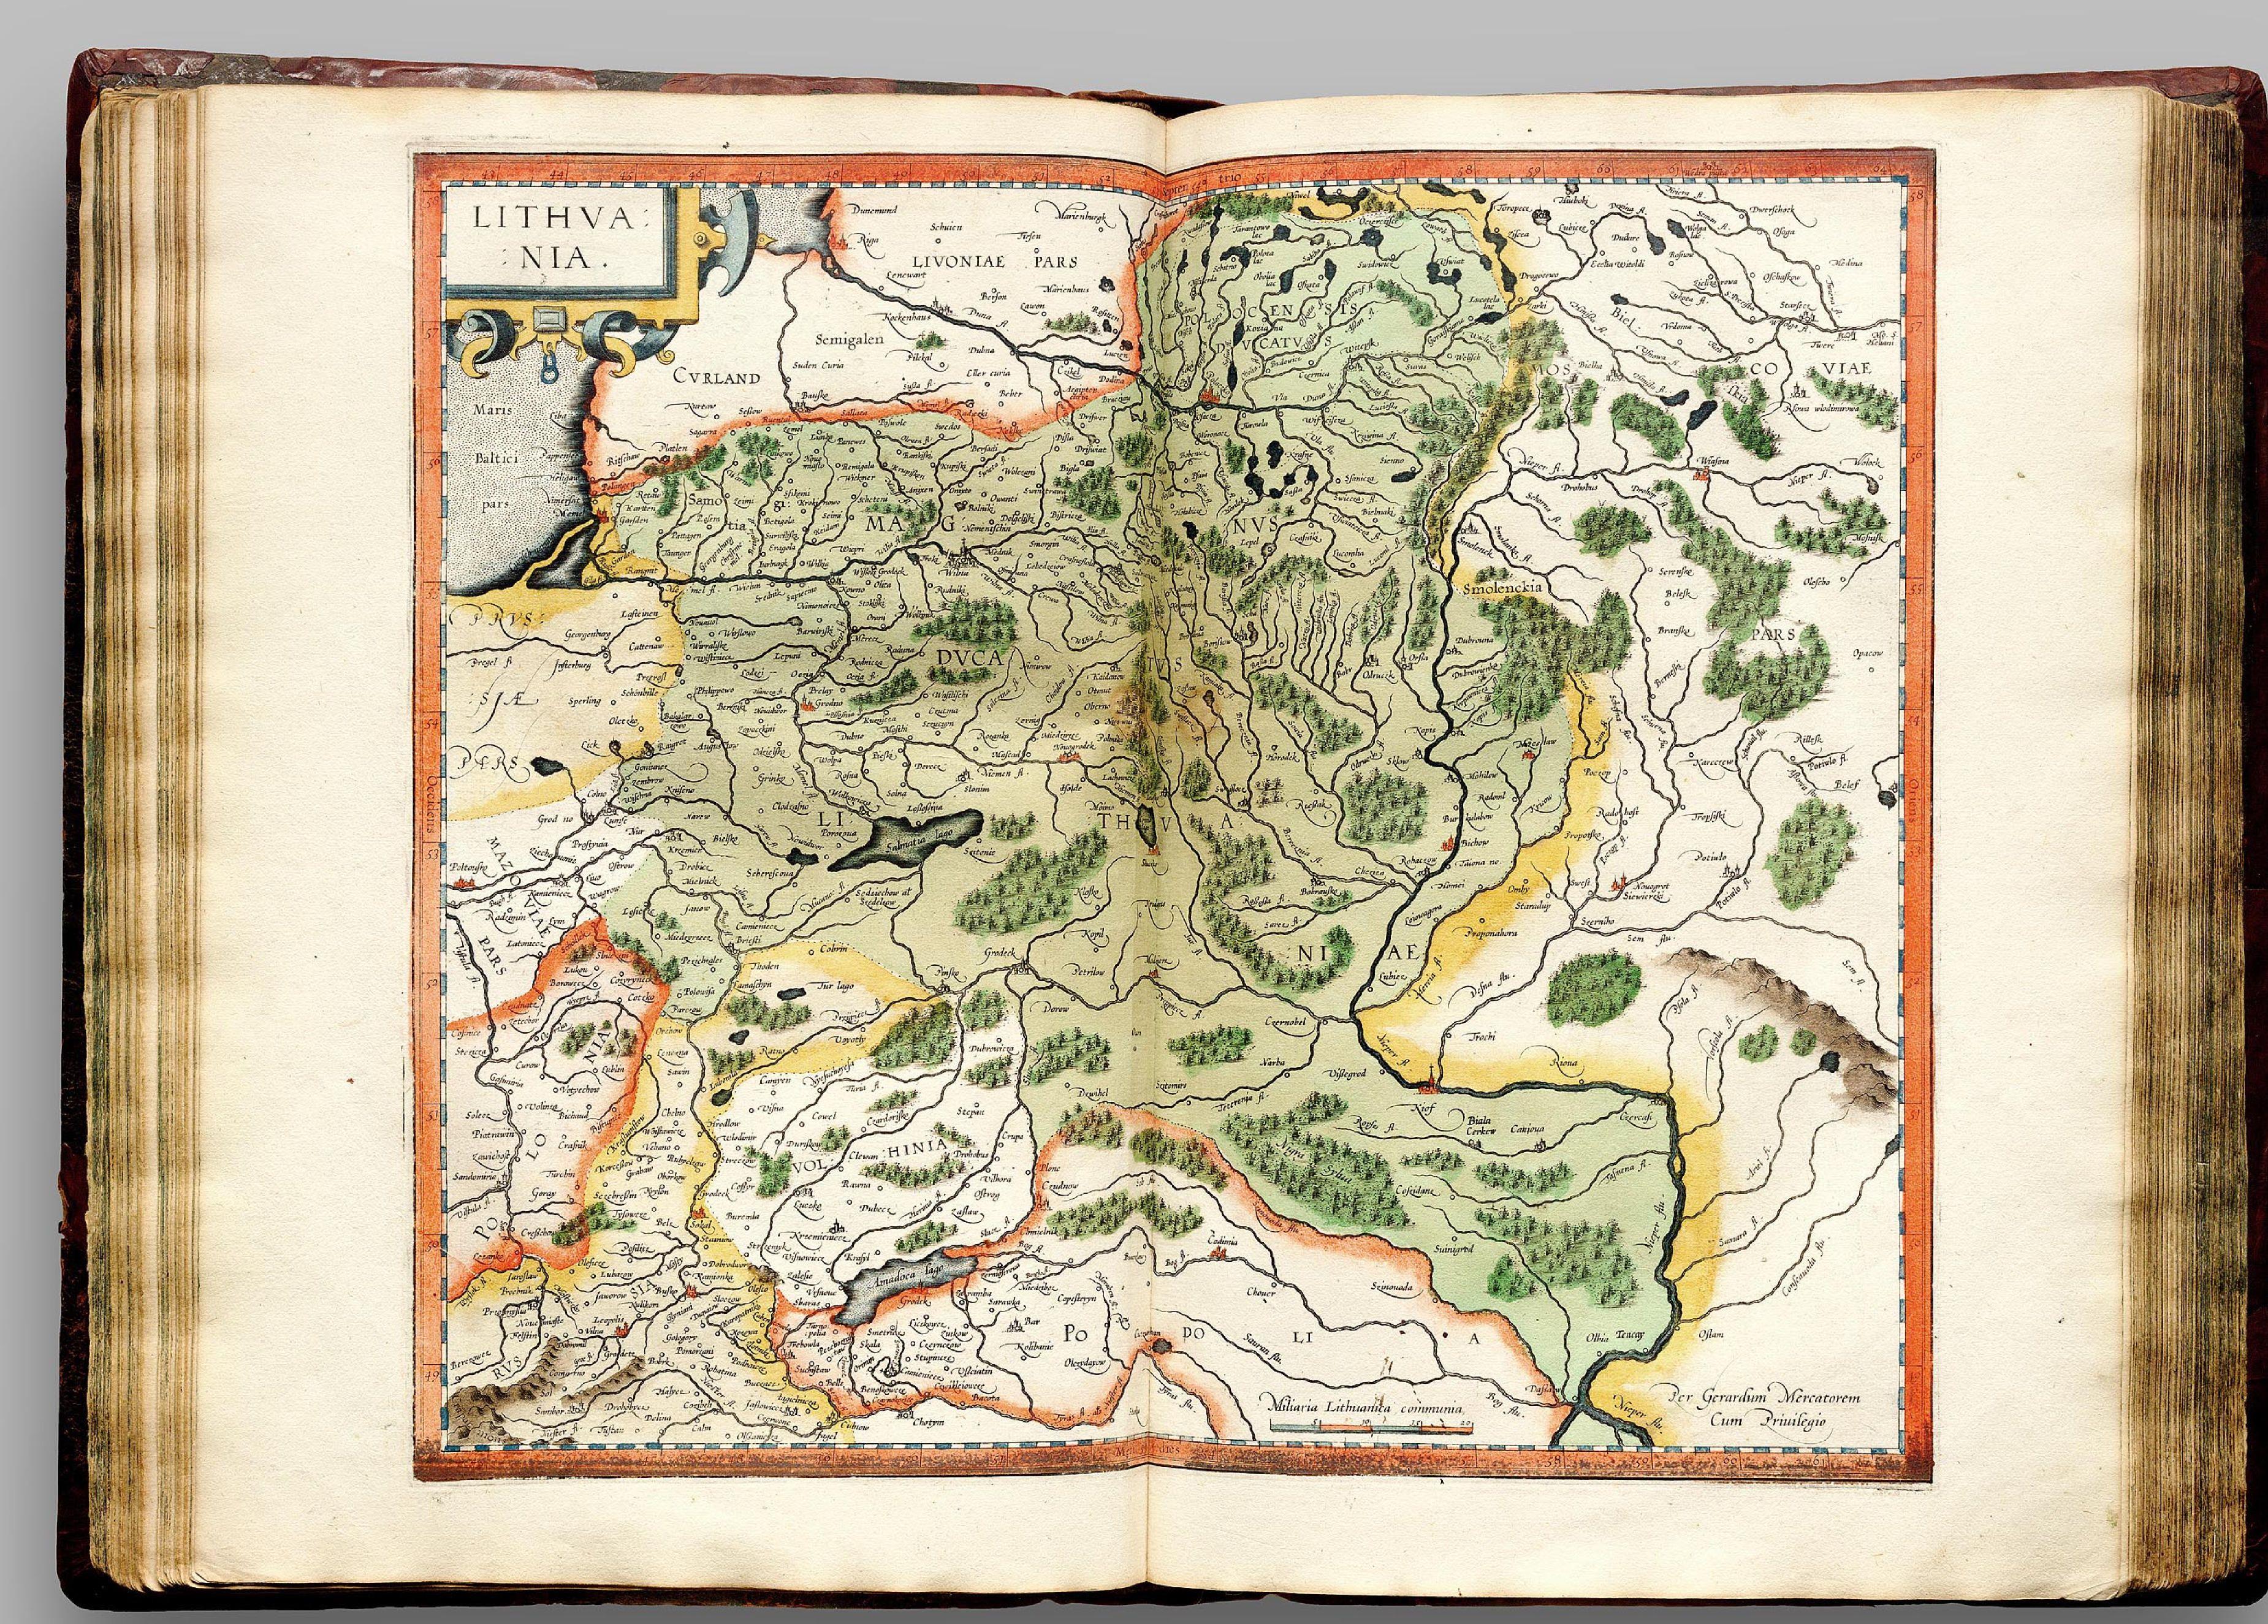 Атлас Меркатора. Карта Великого князівства Литовского